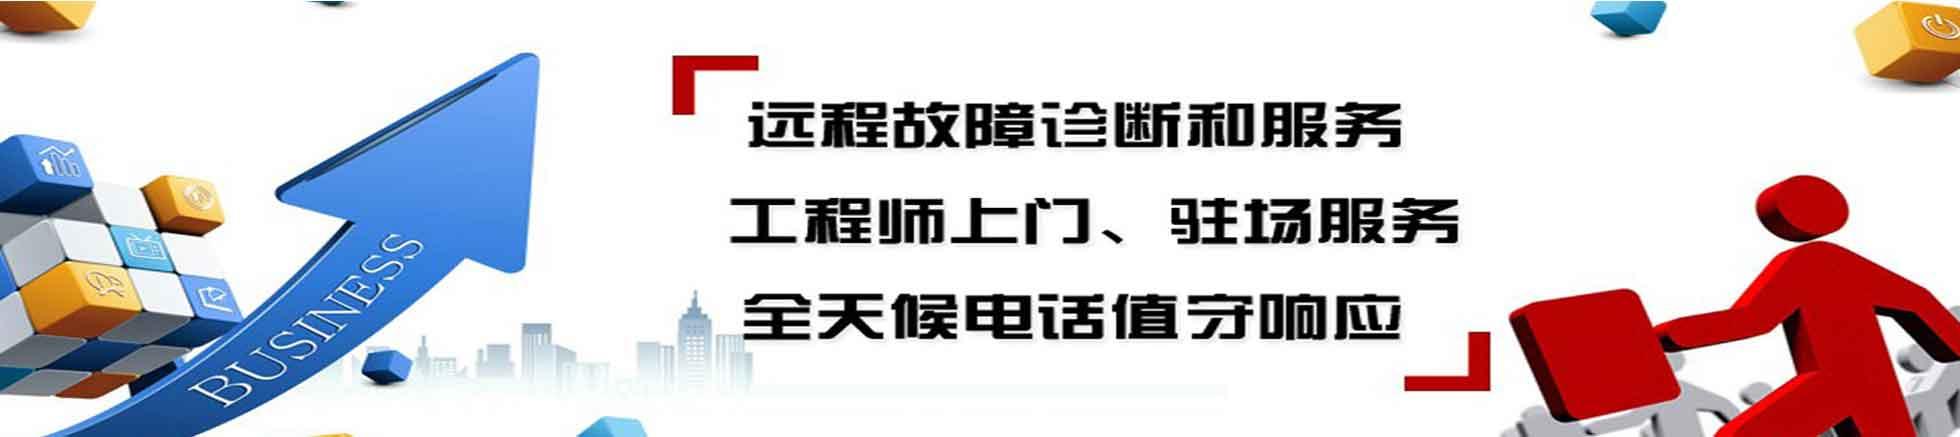 十堰红星电脑维修中心_一家专业的十堰电脑维修网